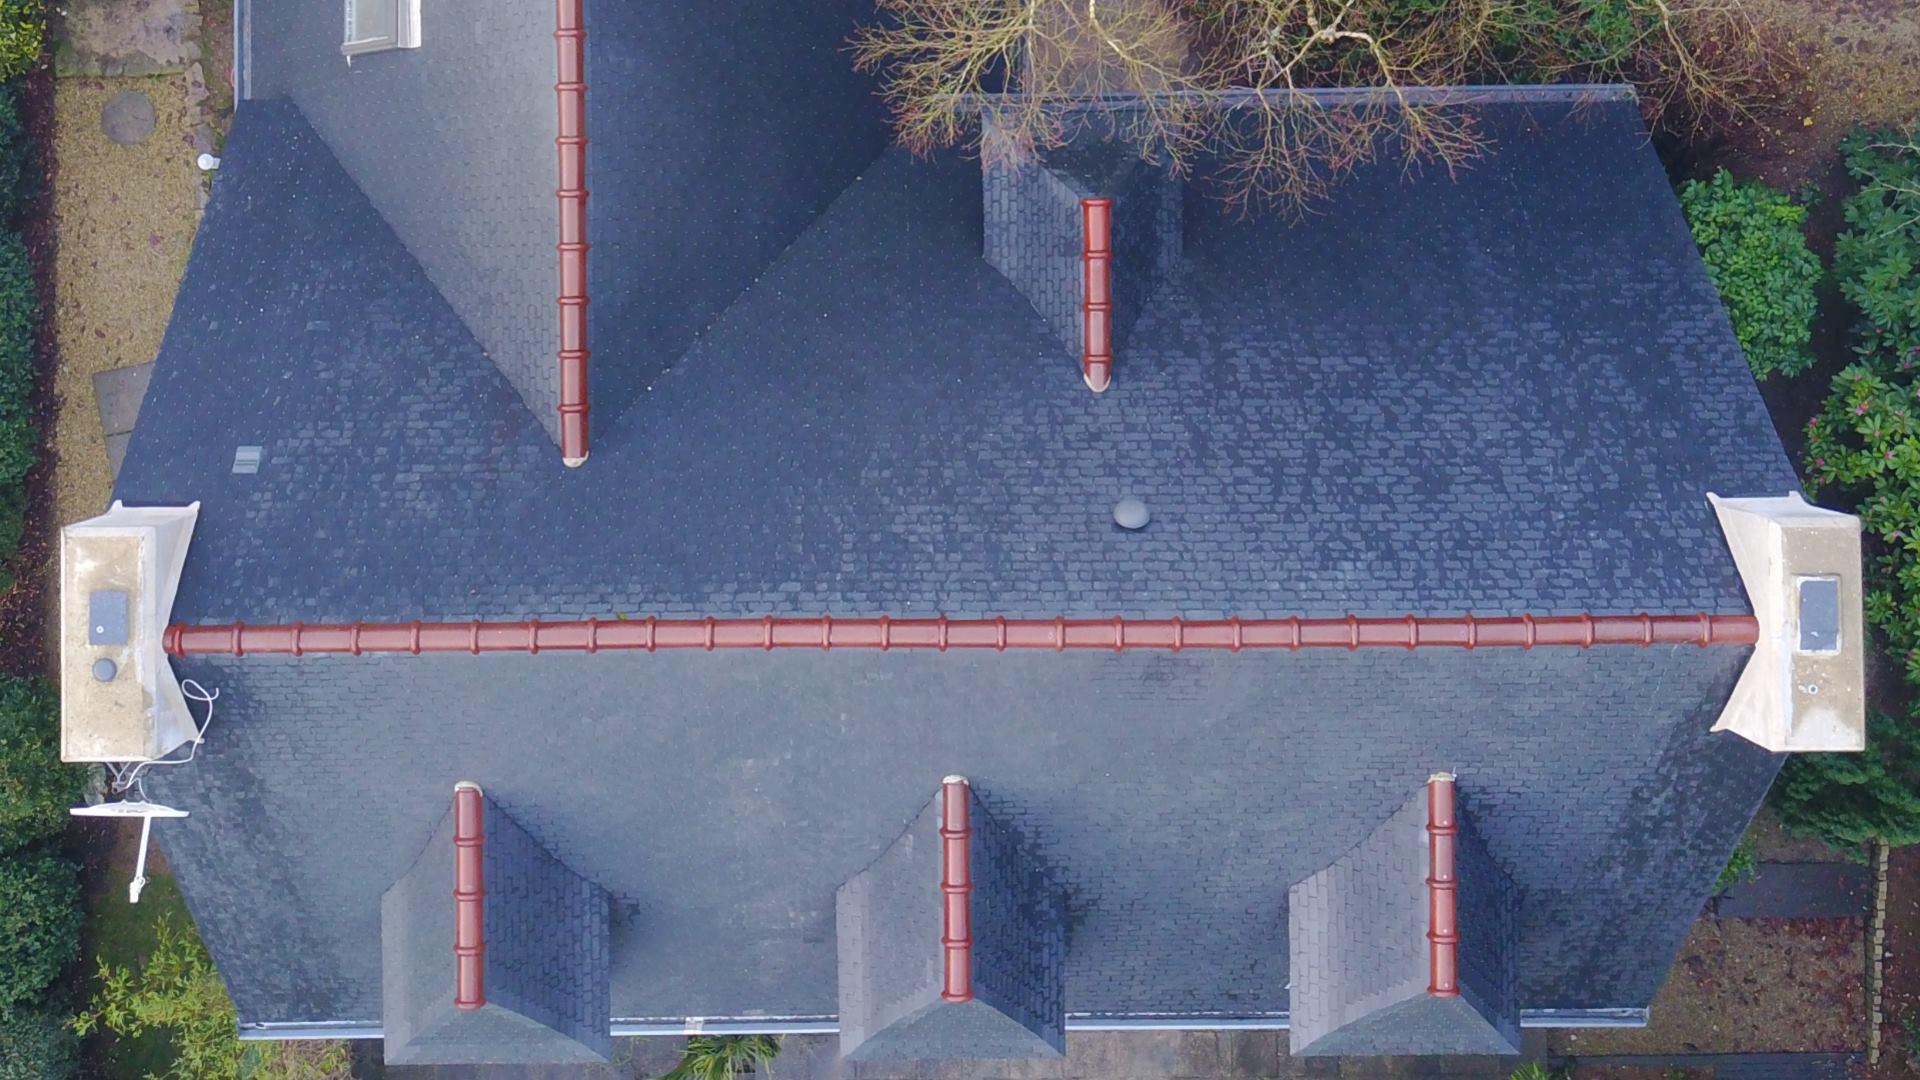 Nettoyage toiture : Après